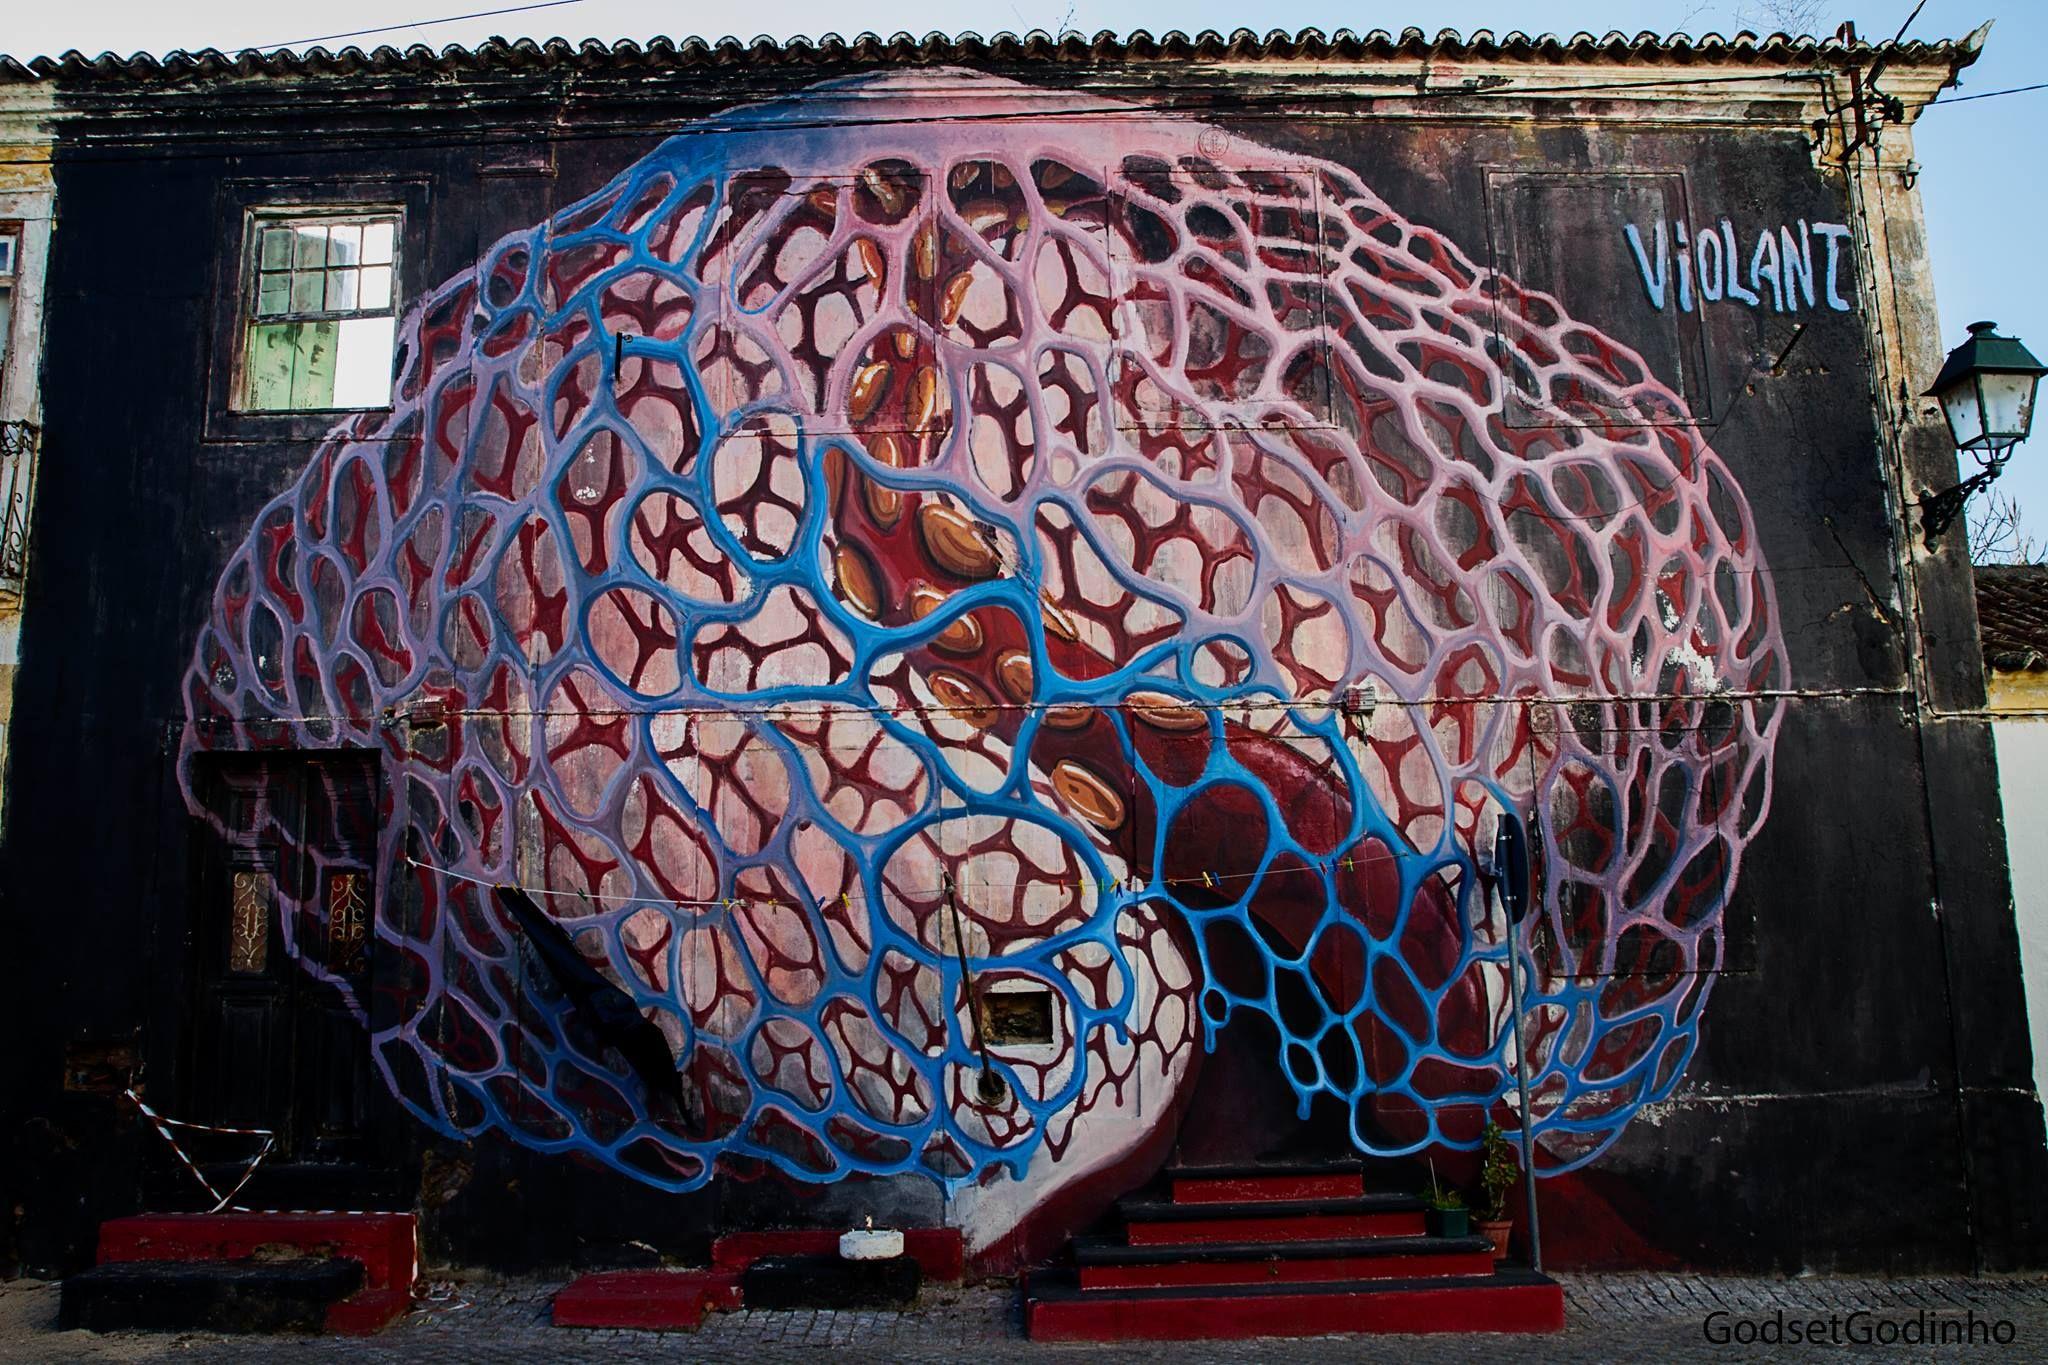 Fotografia de mural de arte urbana em Abrantes. Desenho mostra um rede como de um cérebro, em enorme escala, e surge uma escada para entrada.